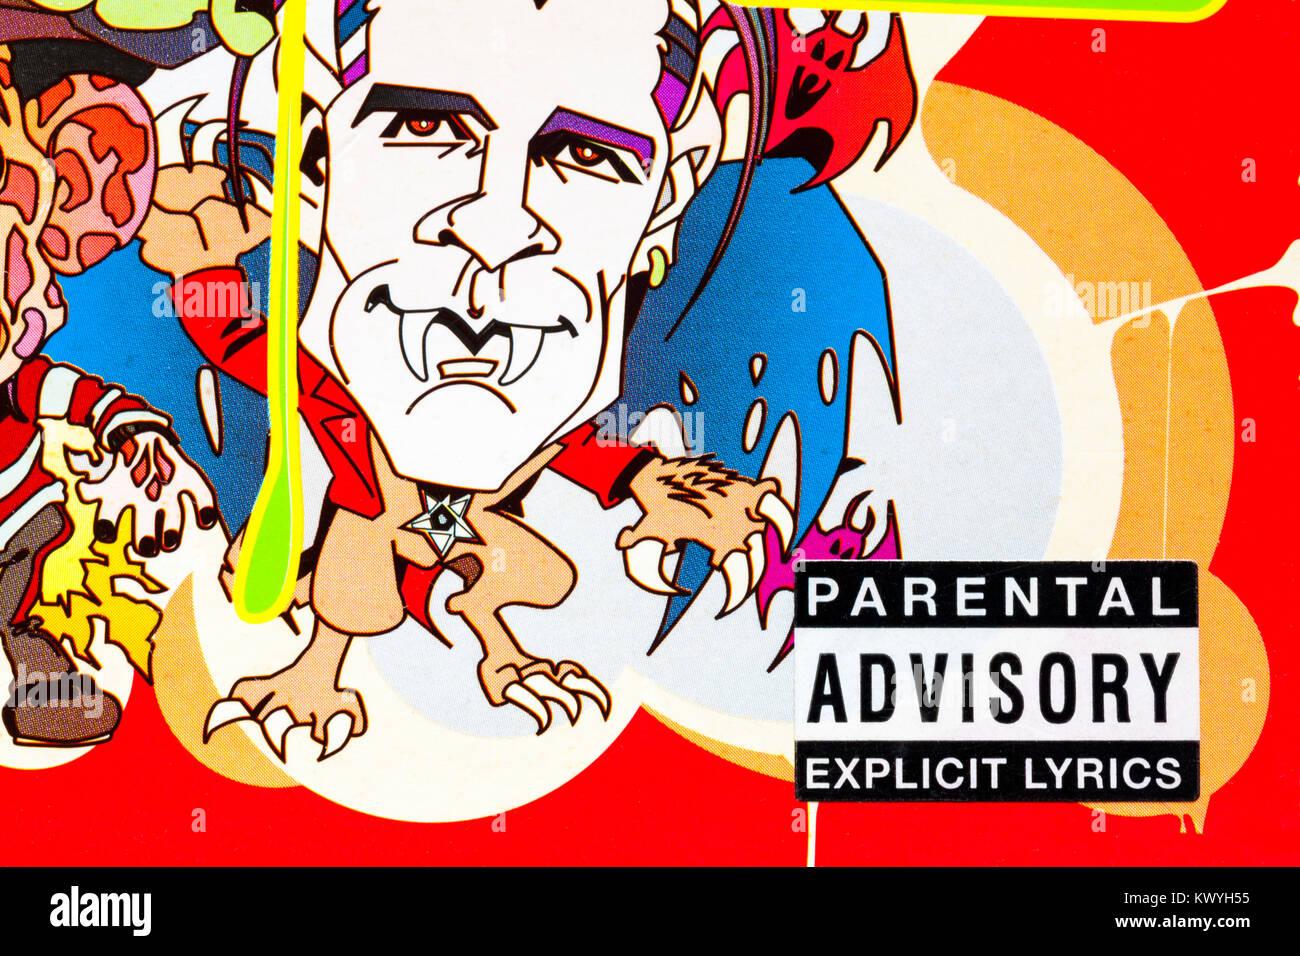 parental advisory explicit lyrics warning on cover of Bonkers 13 CD set - Stock Image